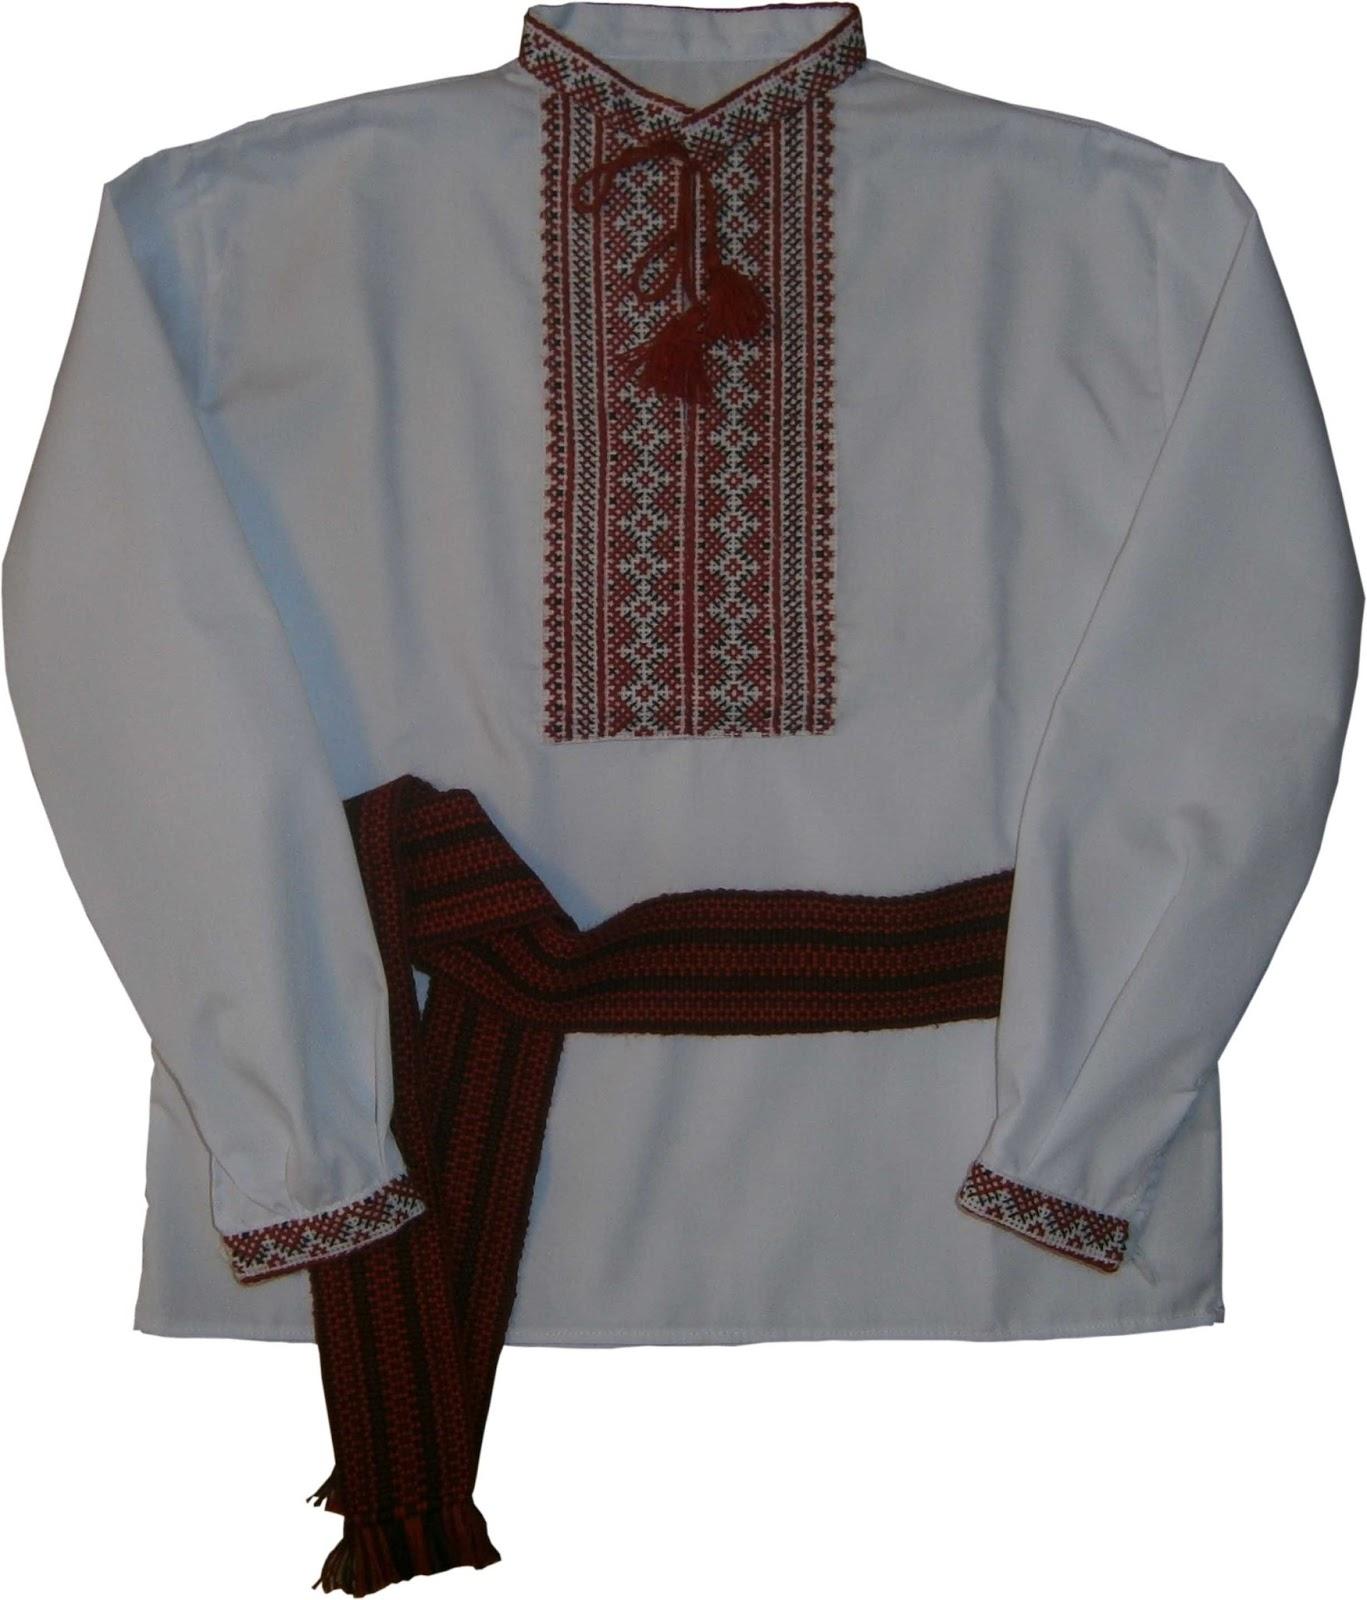 Вишиванка - Інтернет-магазин вишиванок  Вишиванка дитяча 6638884126dab